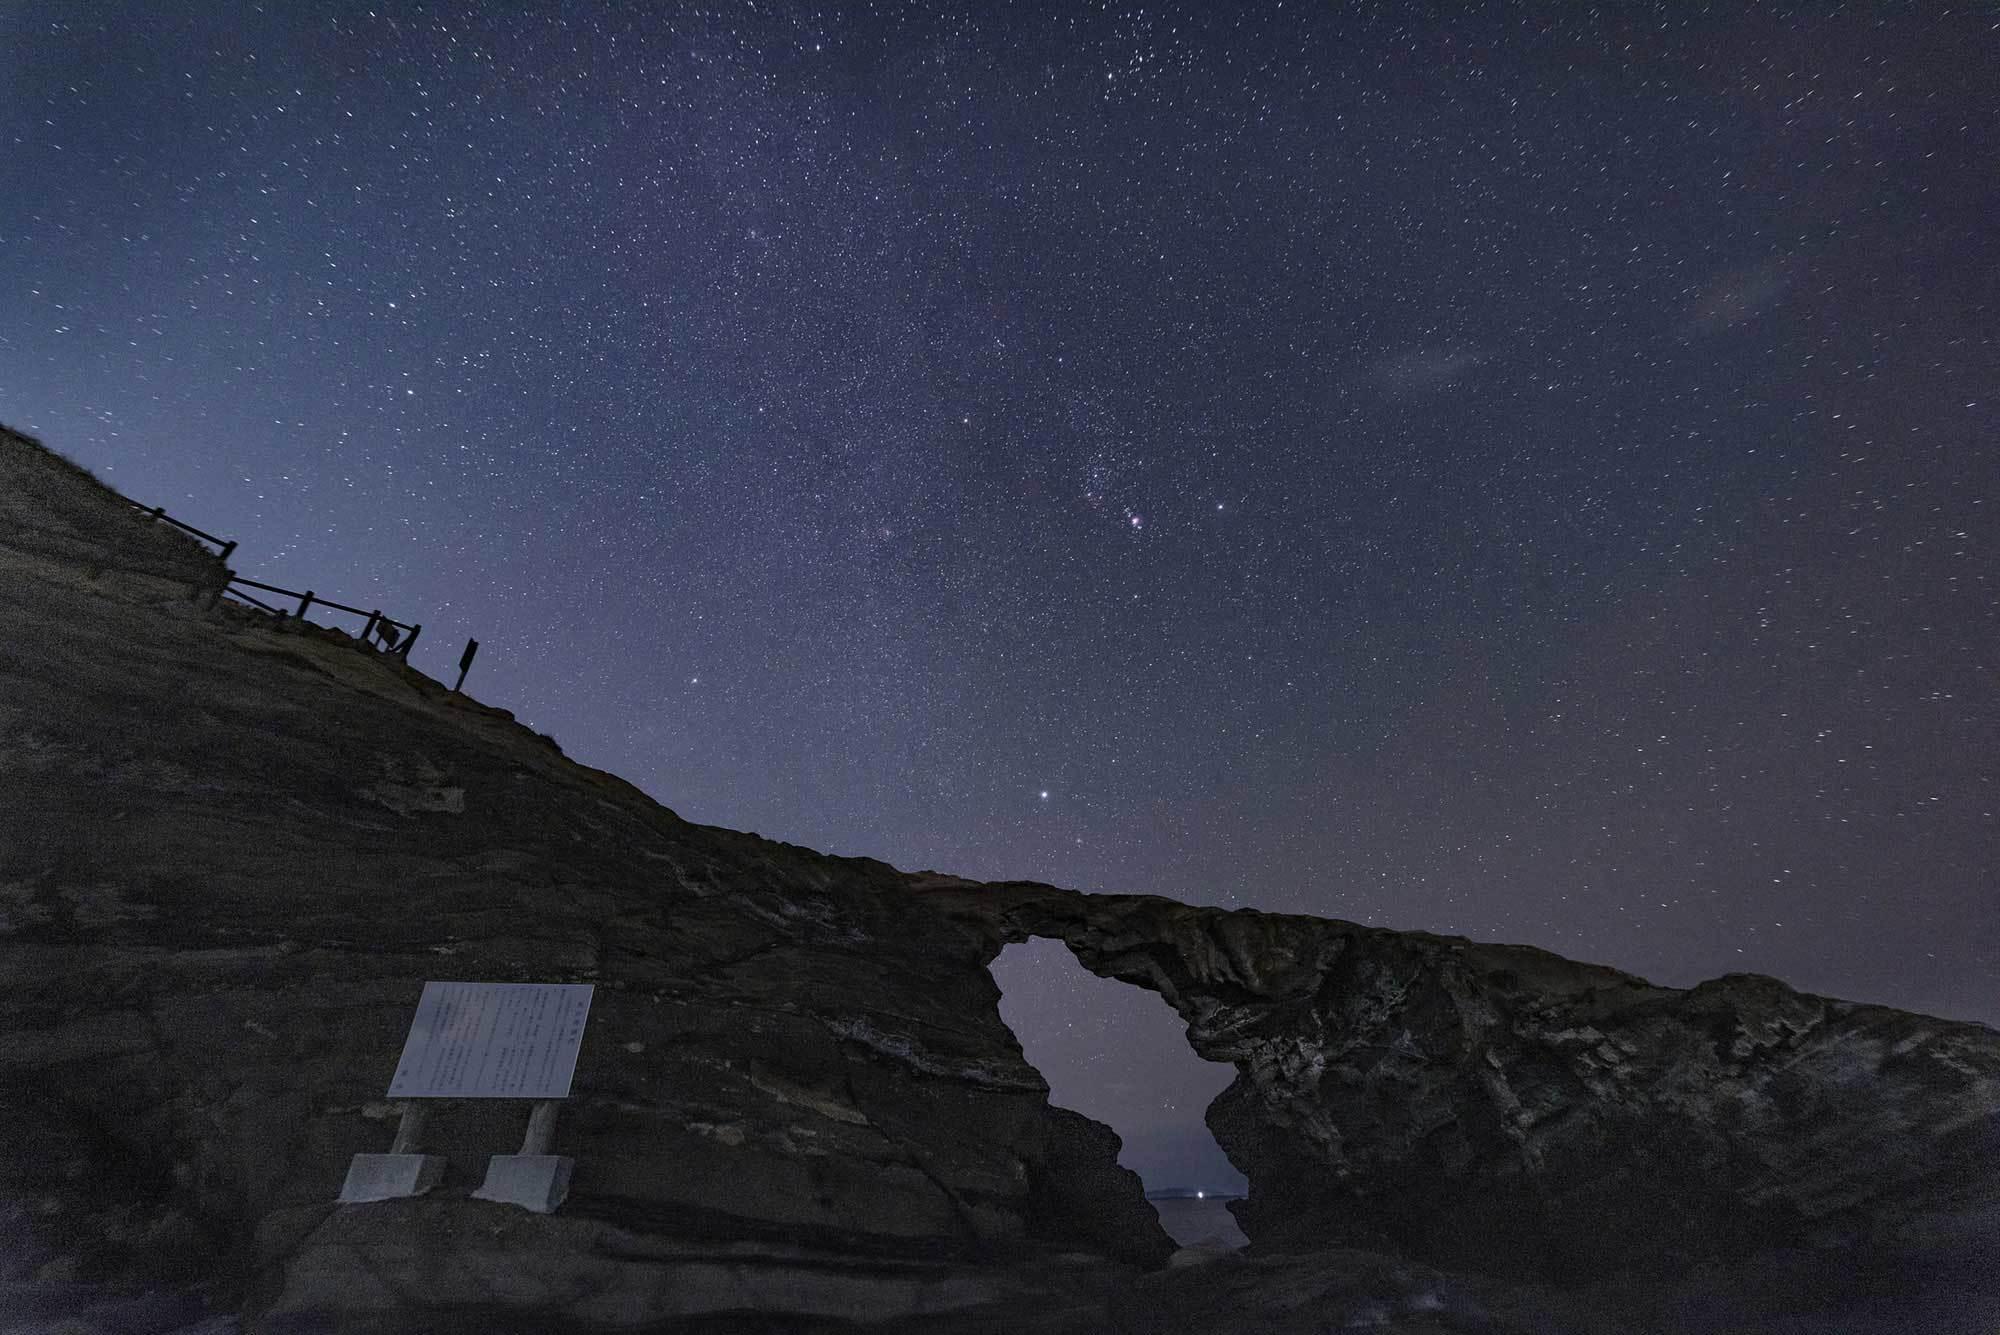 使用記〜城ヶ島 馬の背洞門で星景写真_b0400557_22264170.jpg